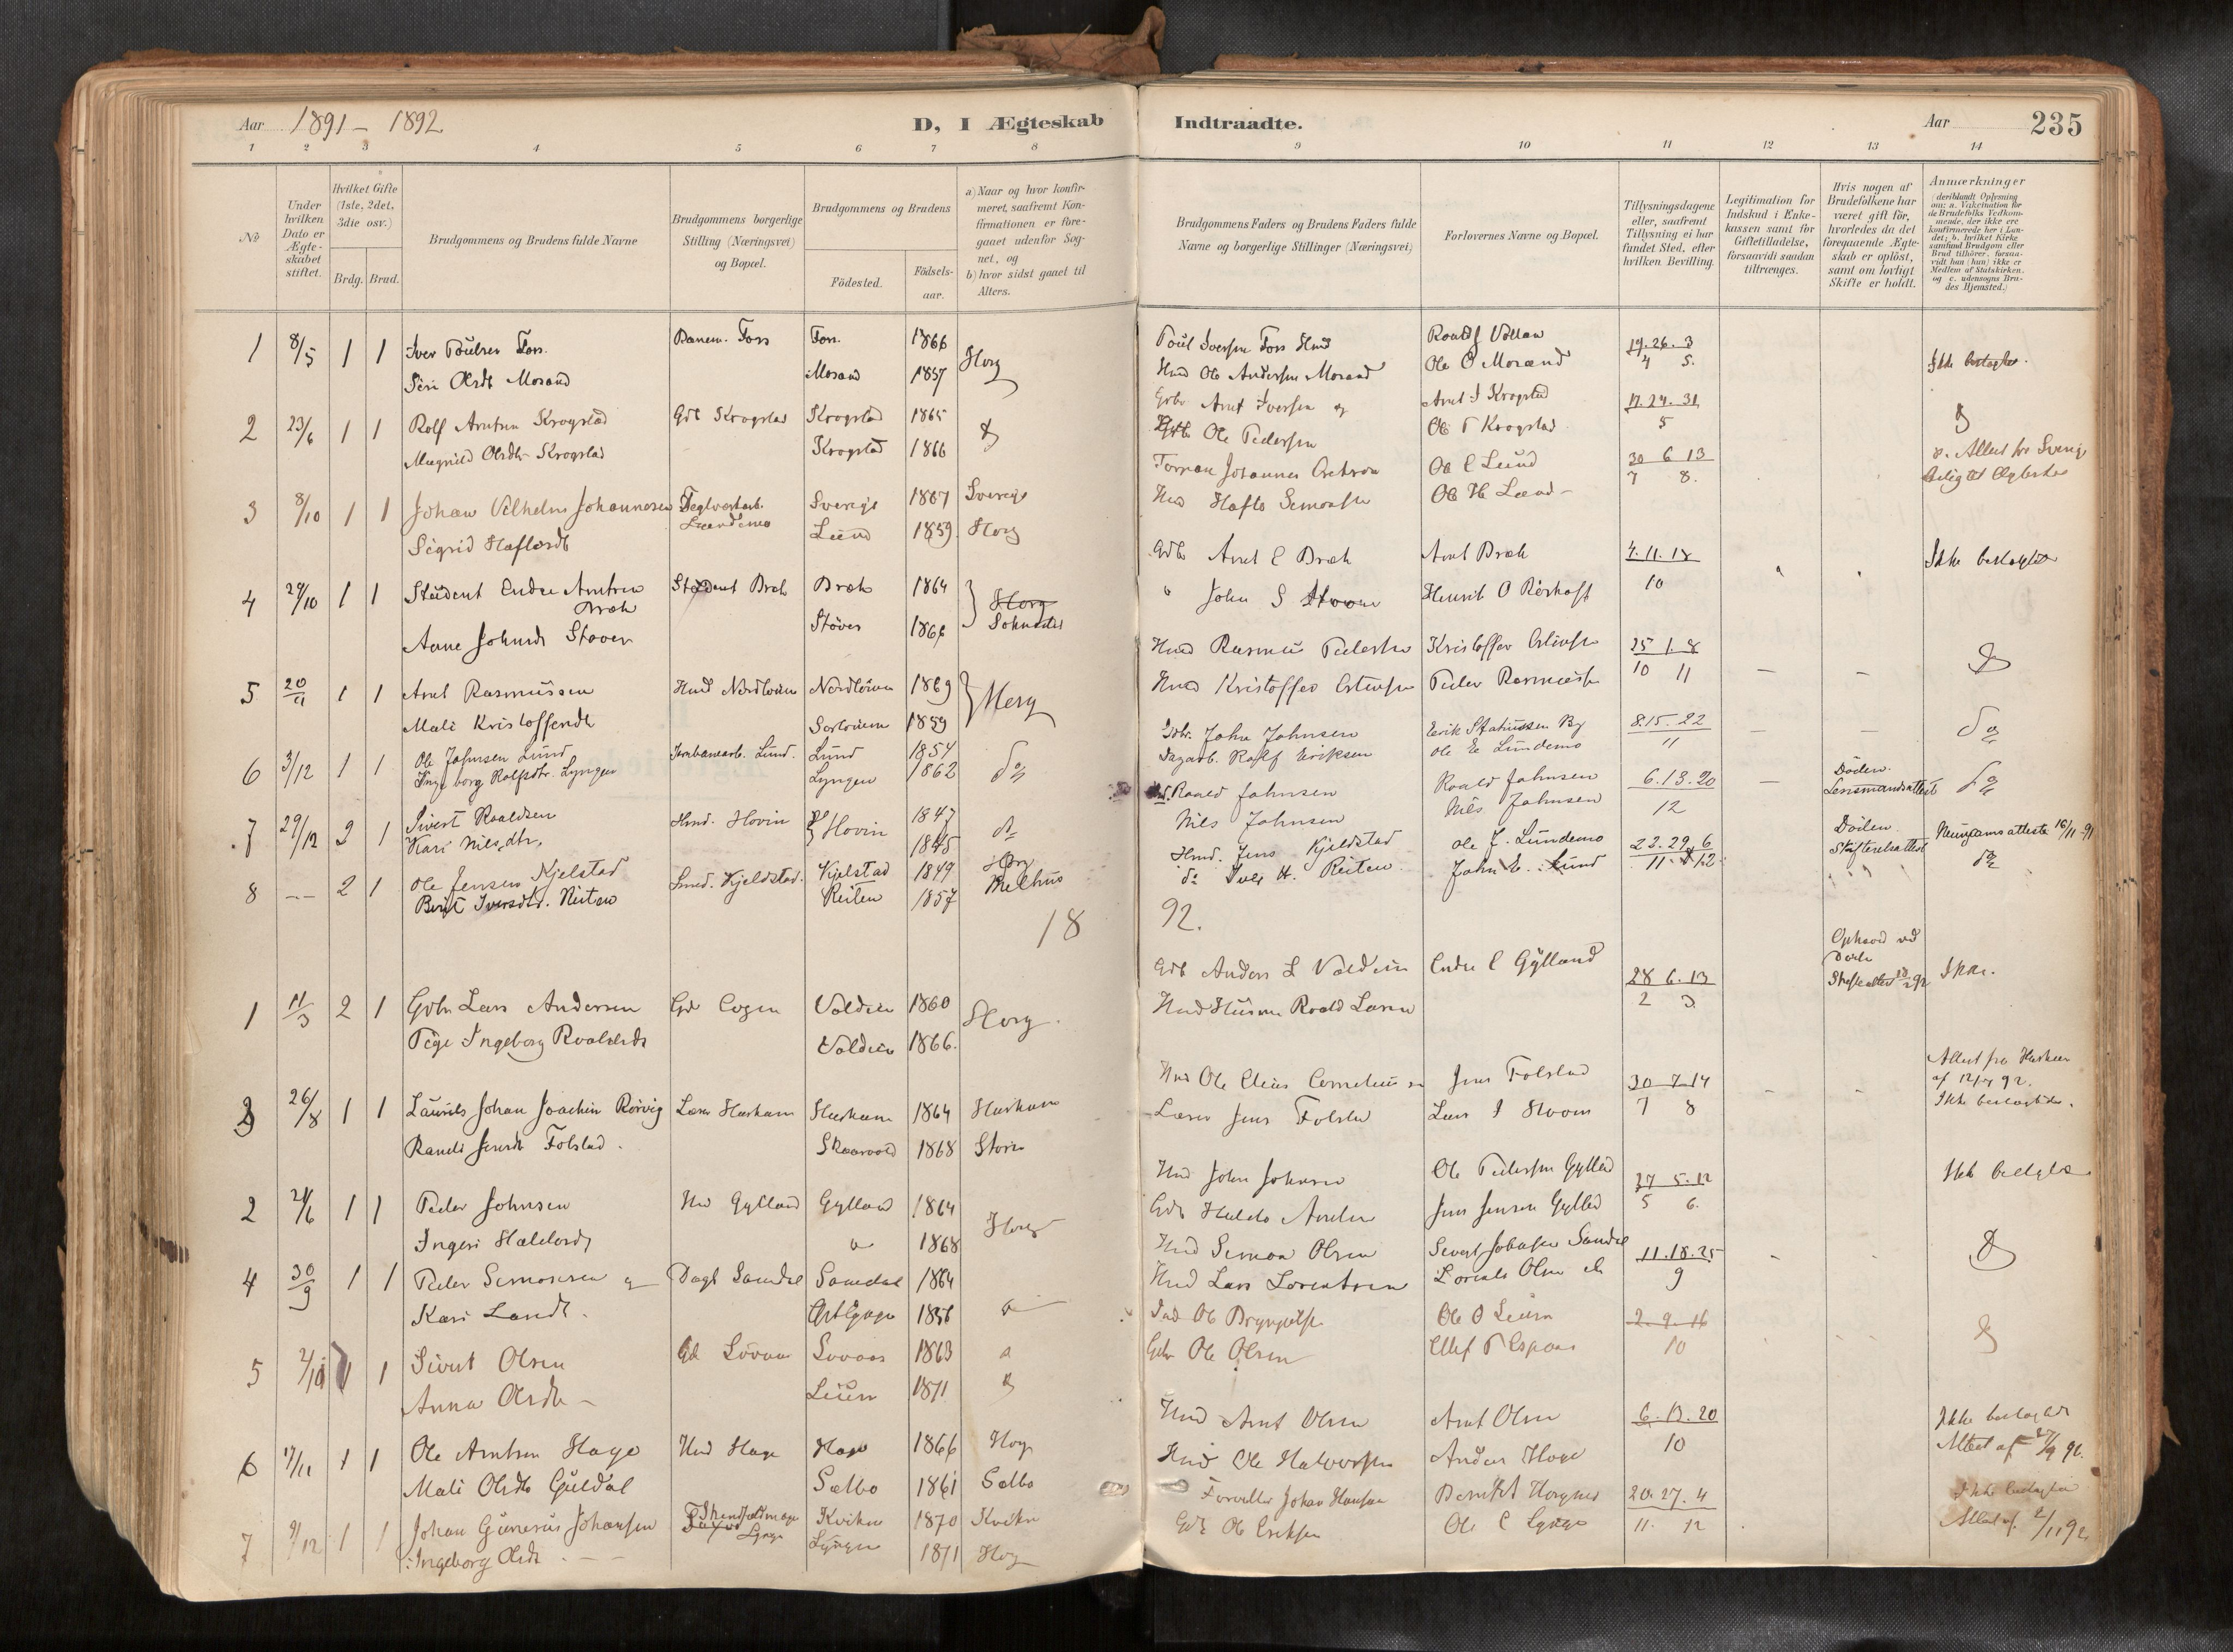 SAT, Ministerialprotokoller, klokkerbøker og fødselsregistre - Sør-Trøndelag, 692/L1105b: Ministerialbok nr. 692A06, 1891-1934, s. 235